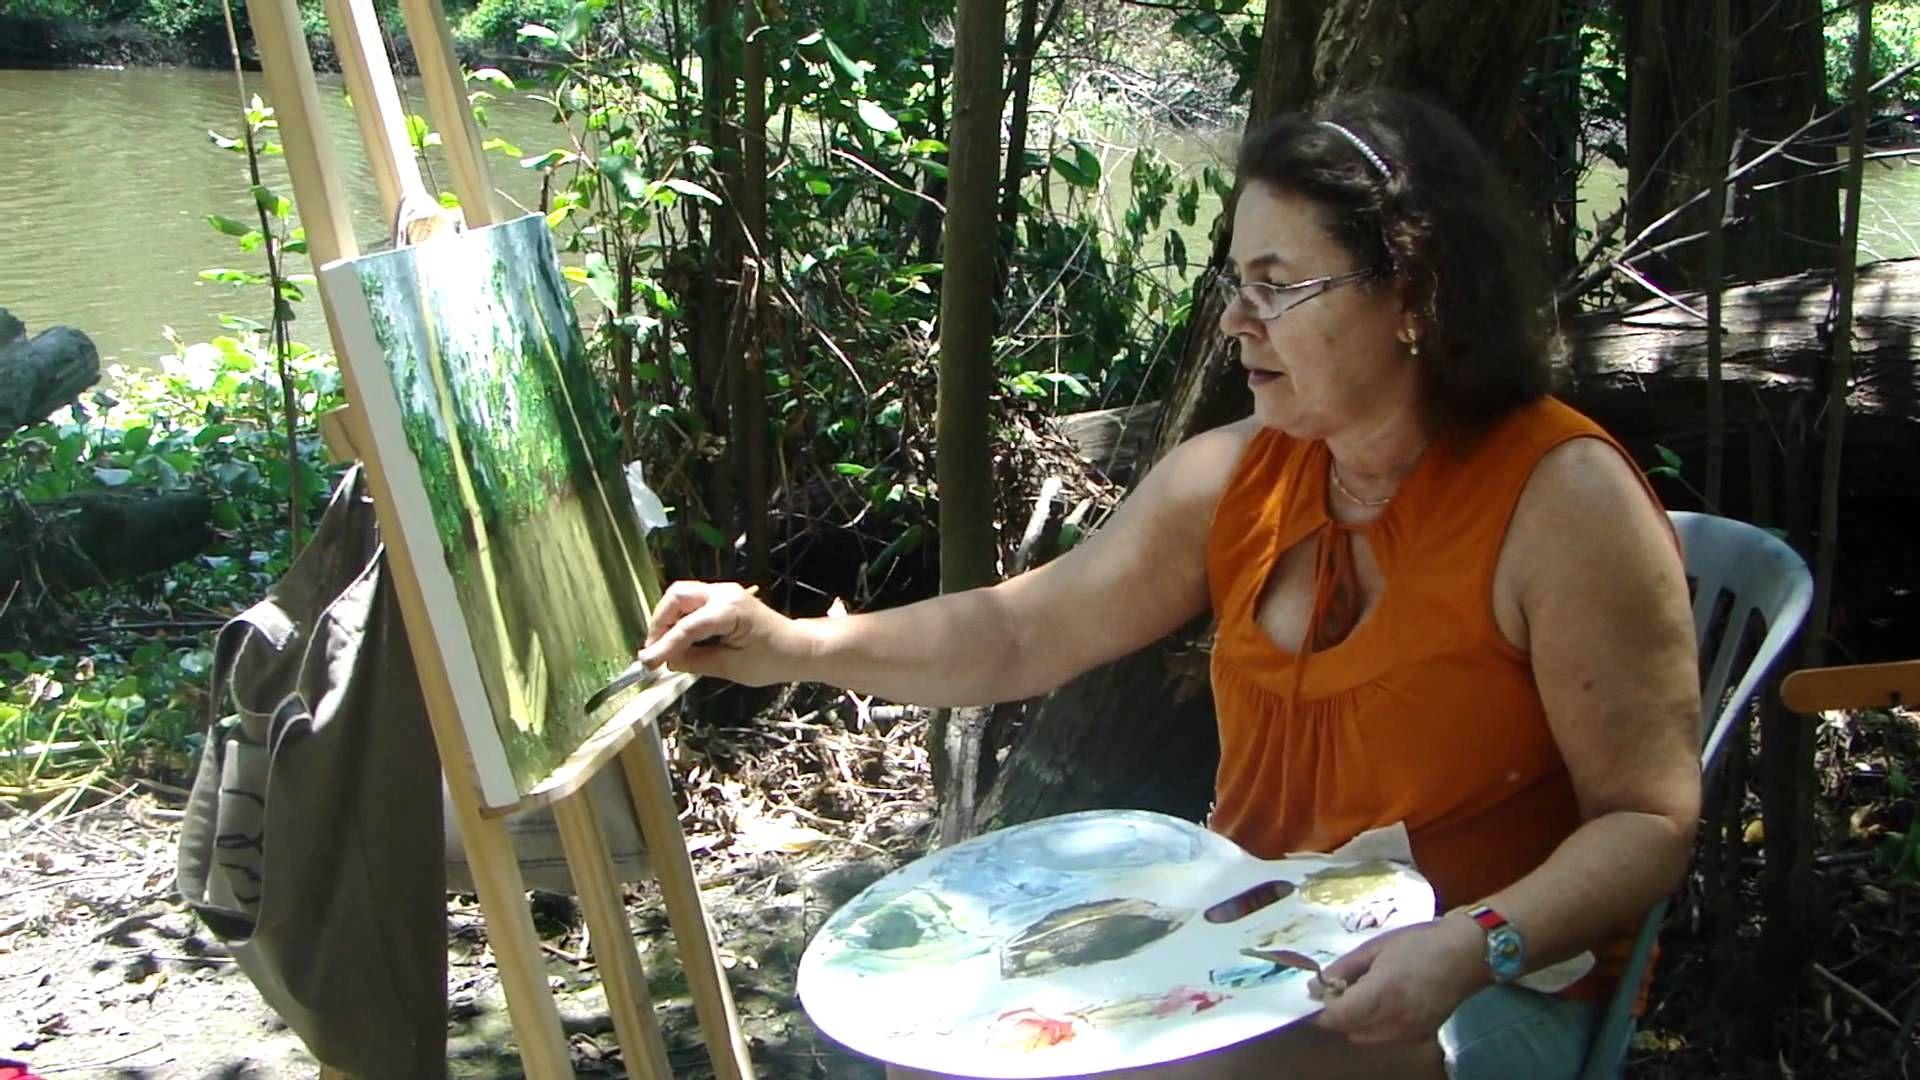 Pintura em tela, aula em campo no Parque do Cocó.